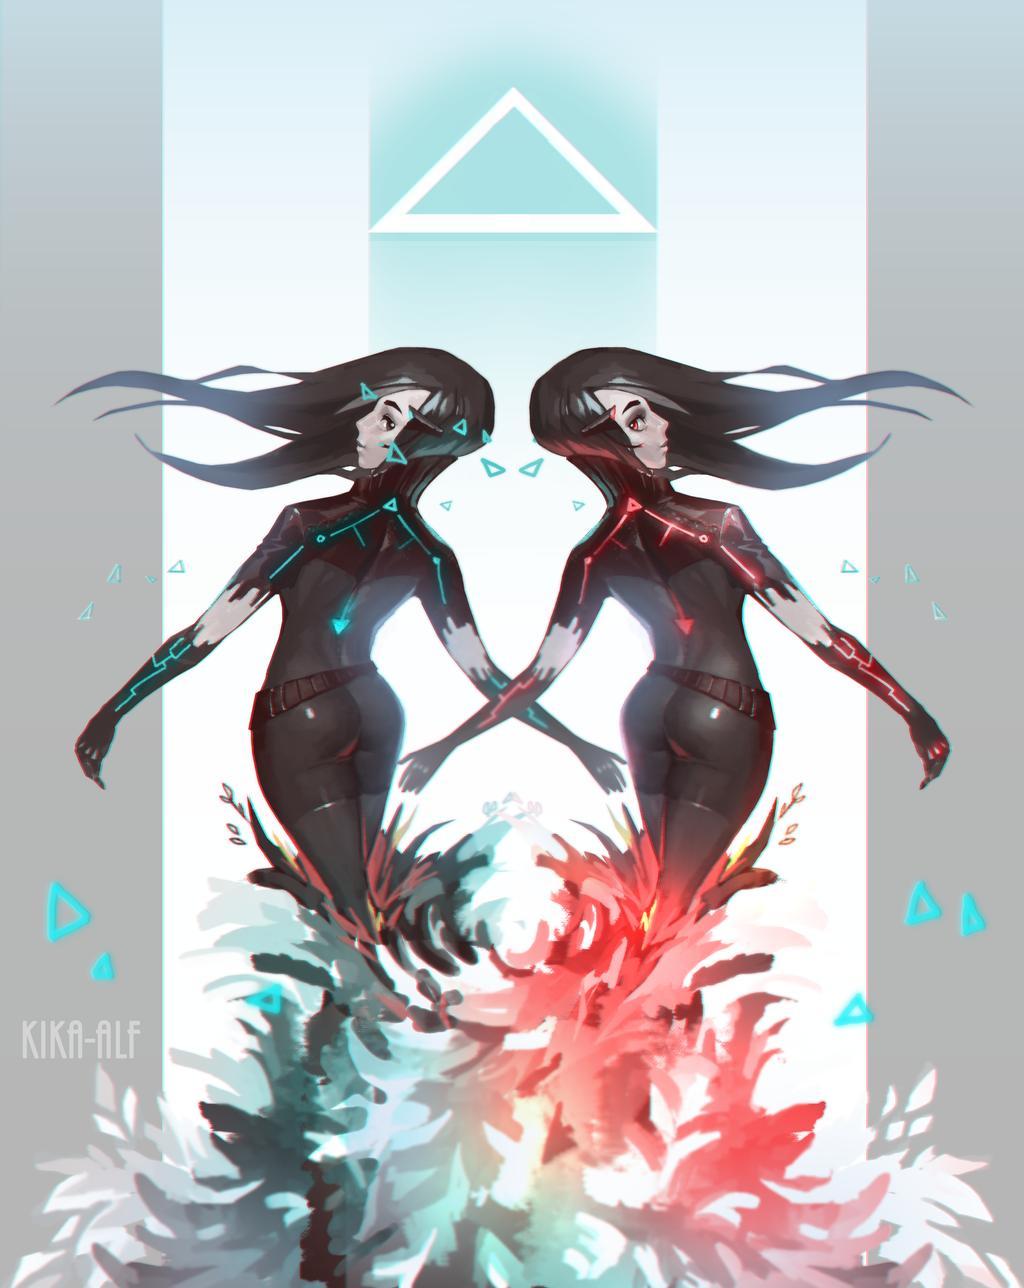 Duet by Kika-alf